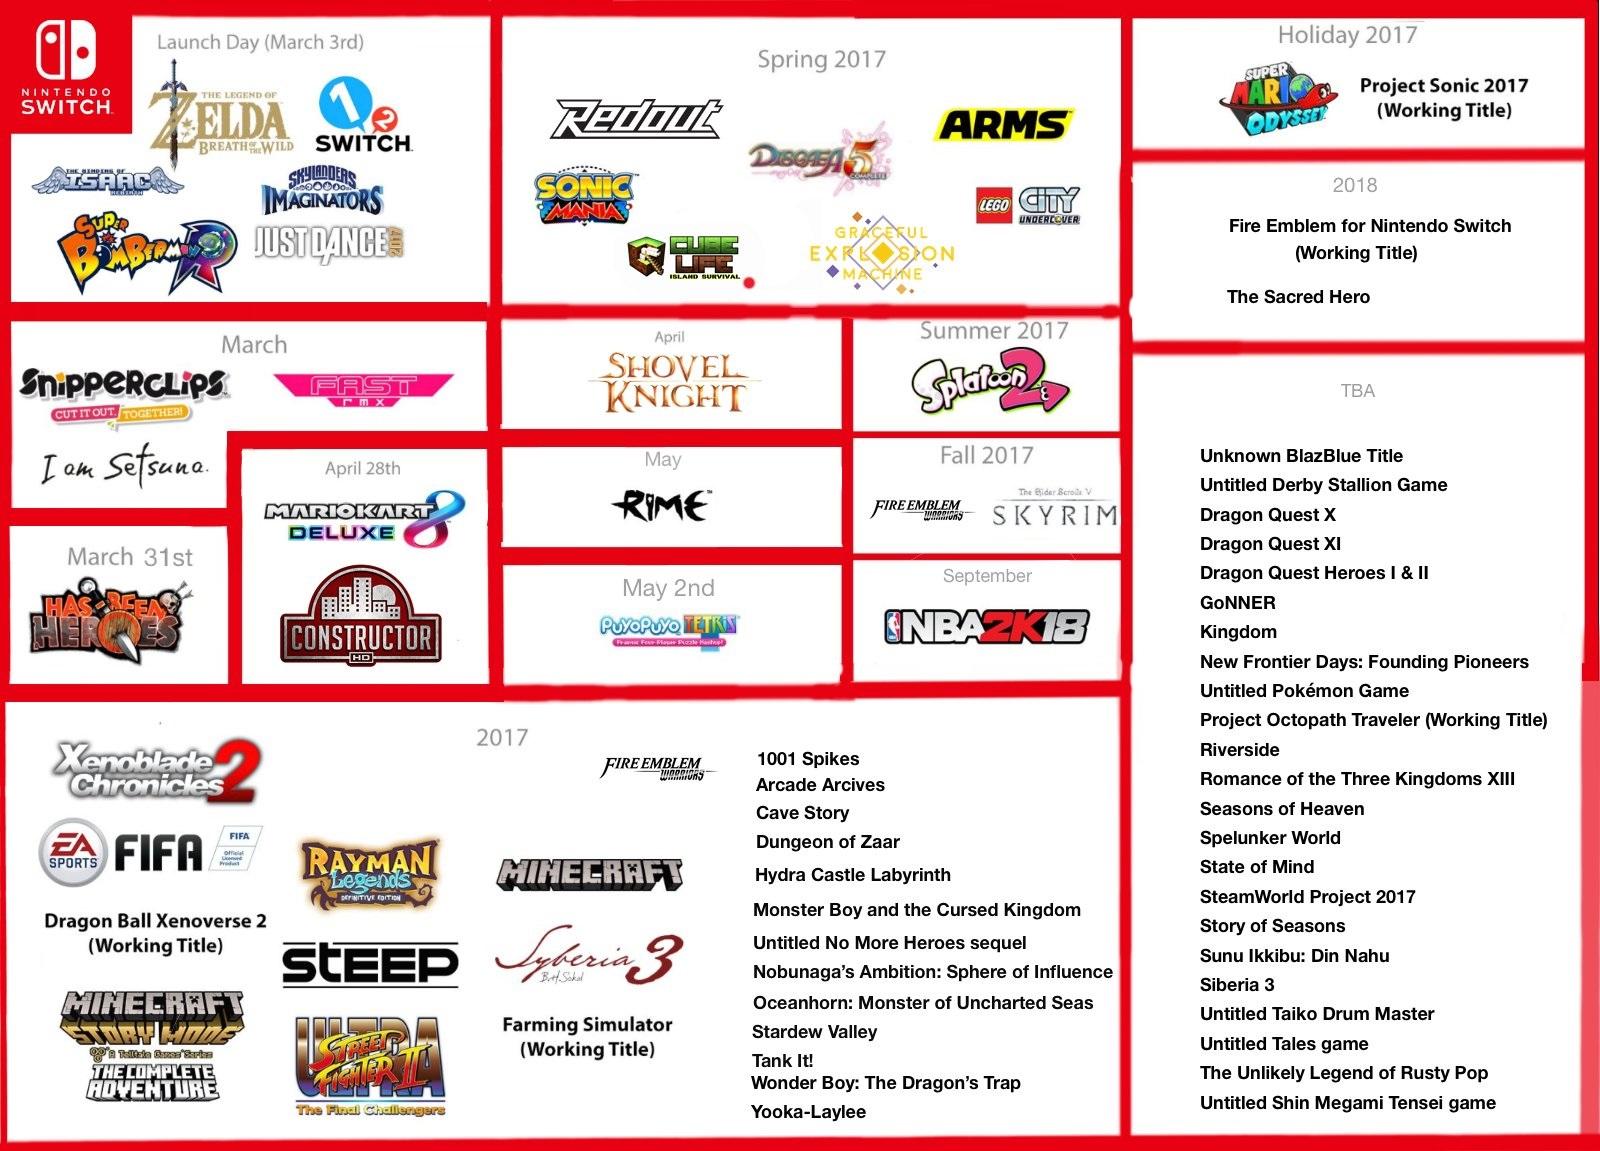 Calendario Con Los Lanzamientos Conocidos De Switch 77 Juegos